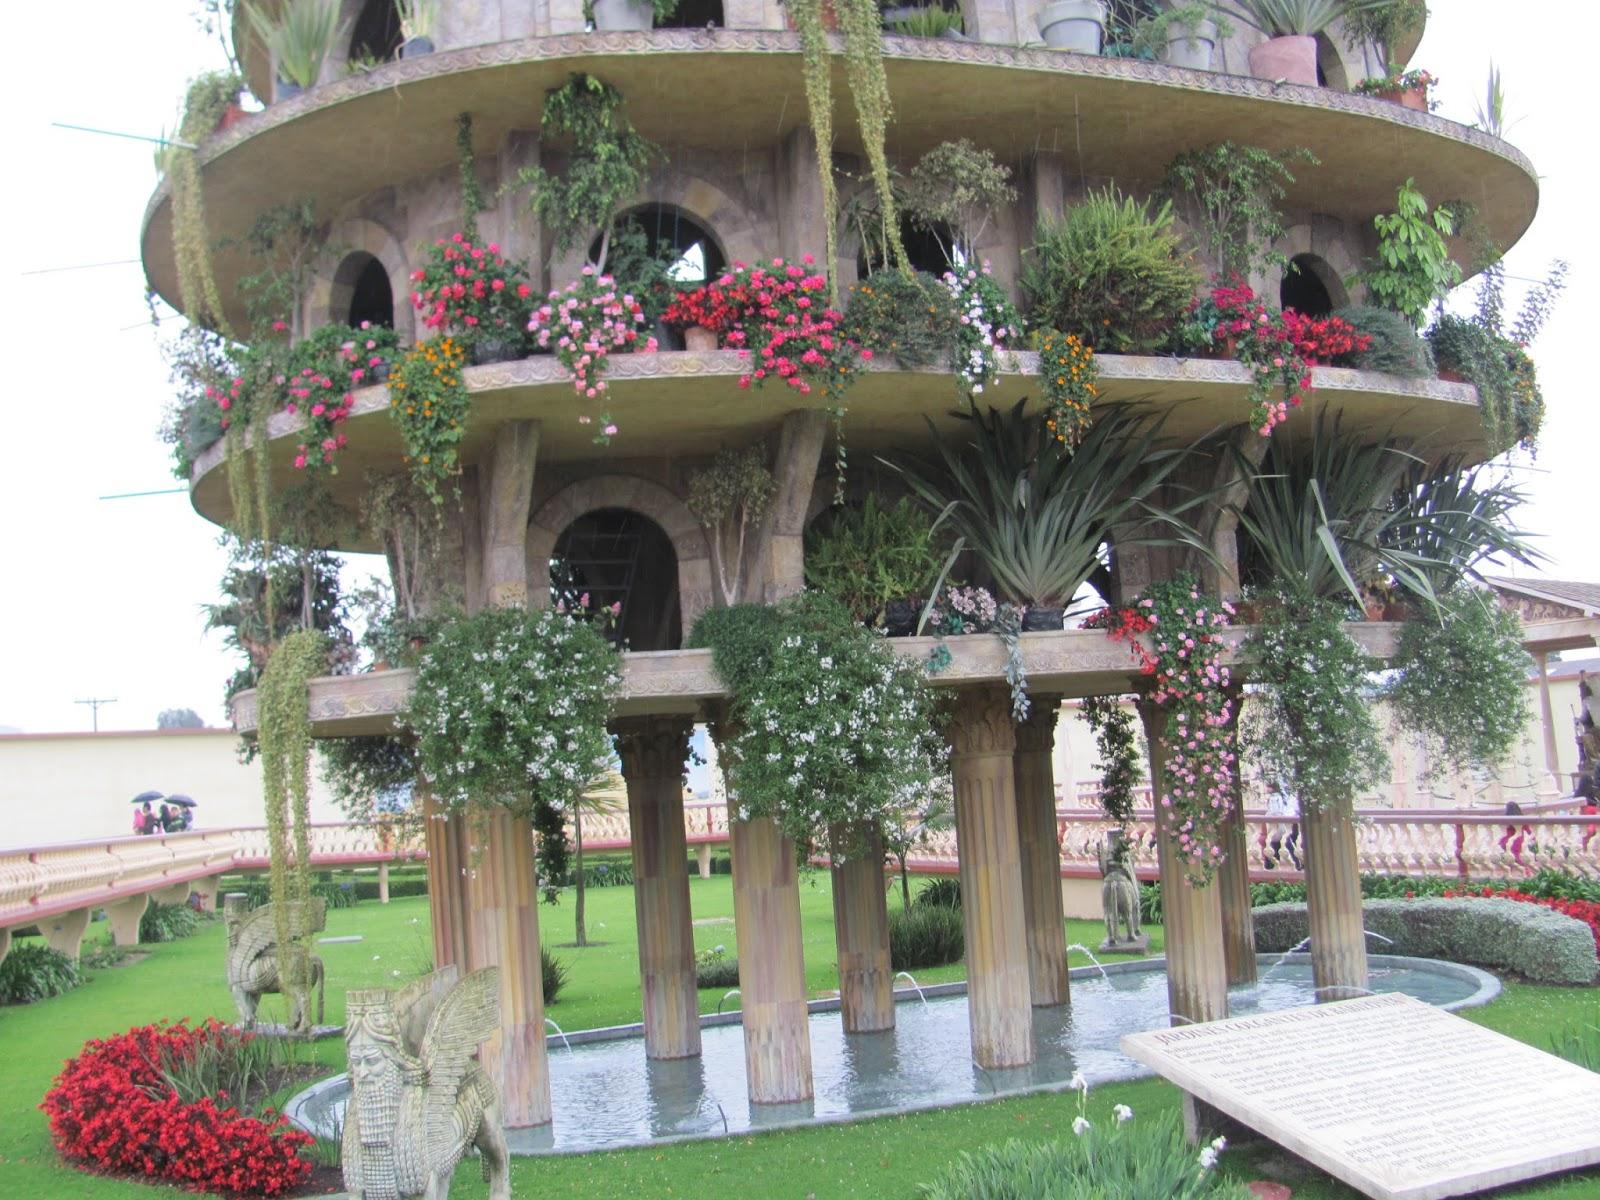 Otra maravilla, los jardines colgantes de babilonia